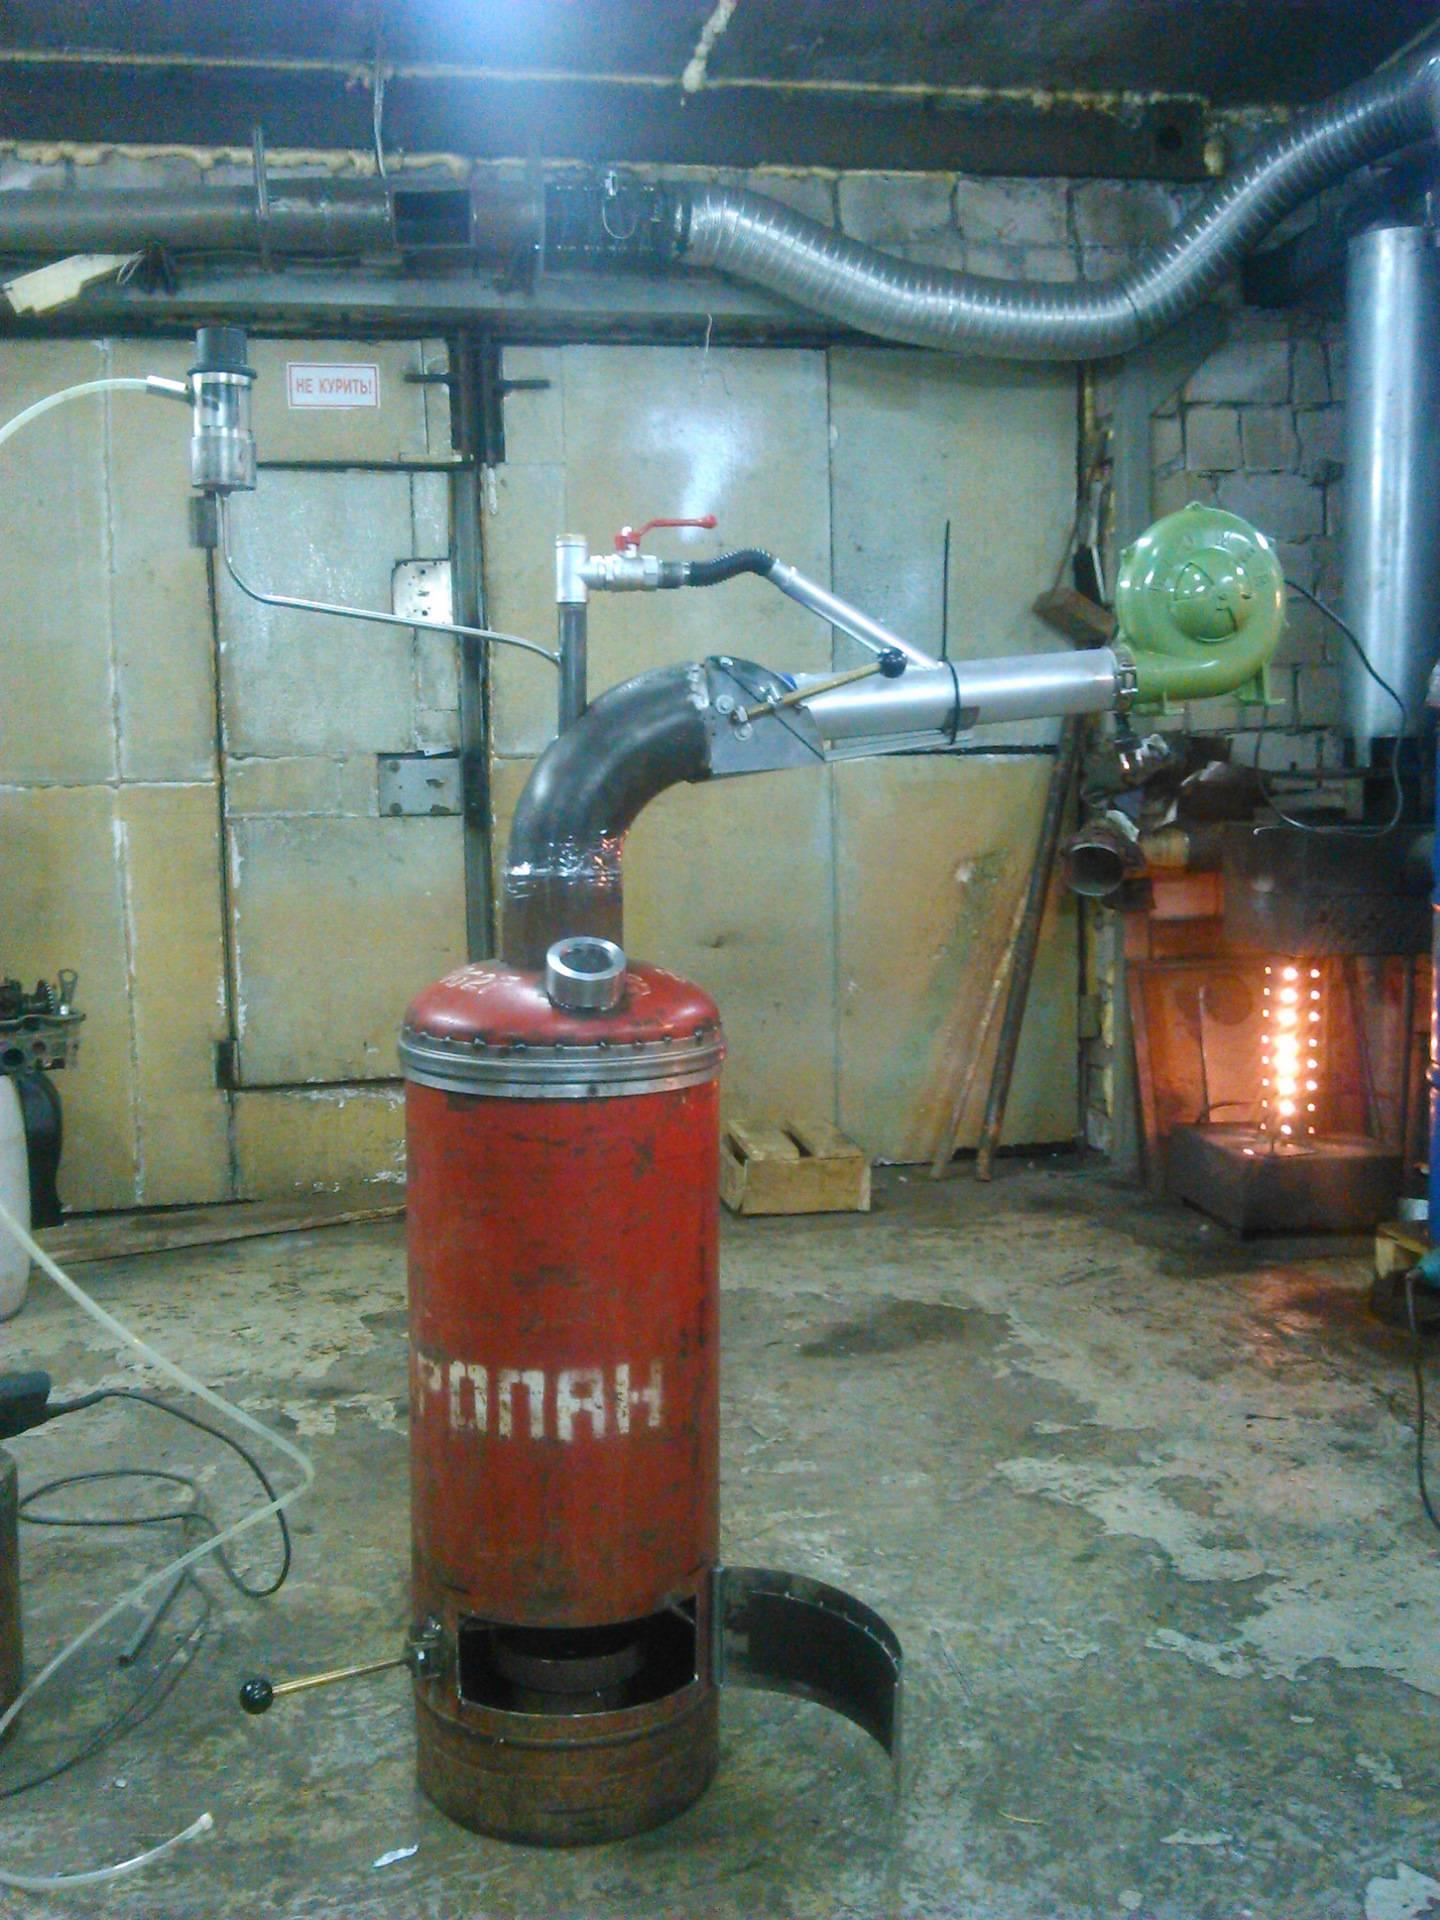 Отопление на отработанном масле своими руками - инструкция по изготовлению котла на отработке